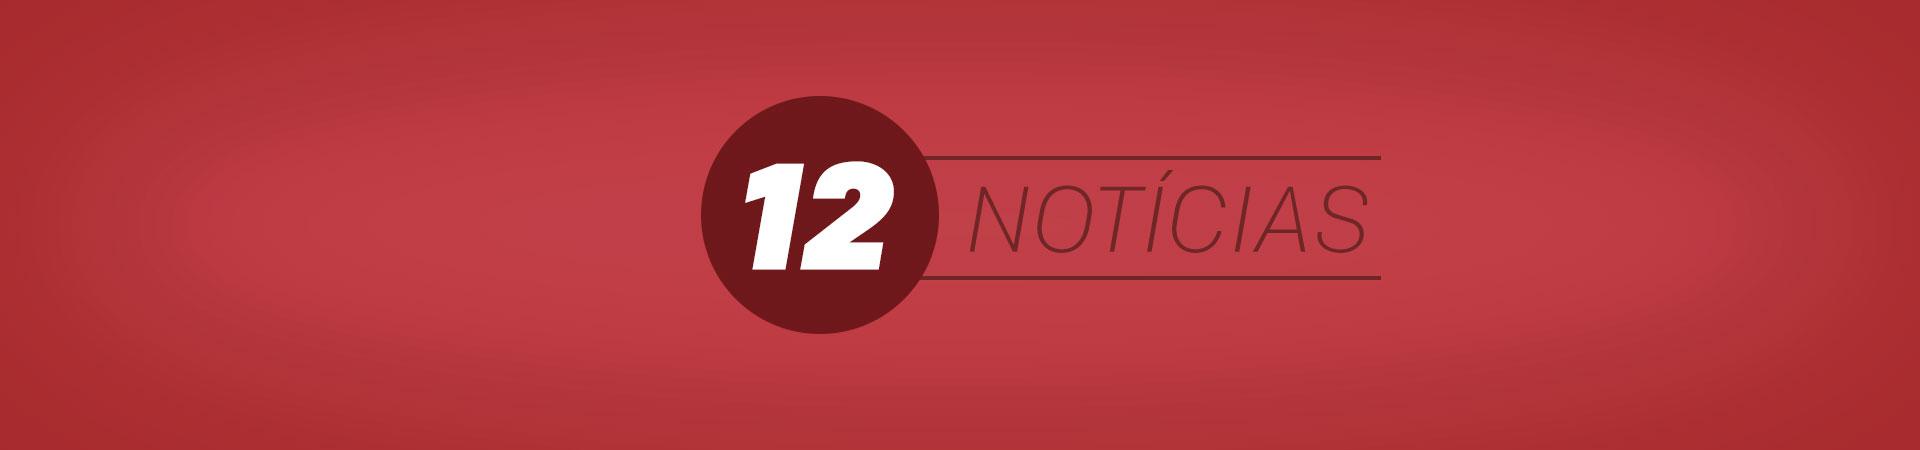 _12noticias